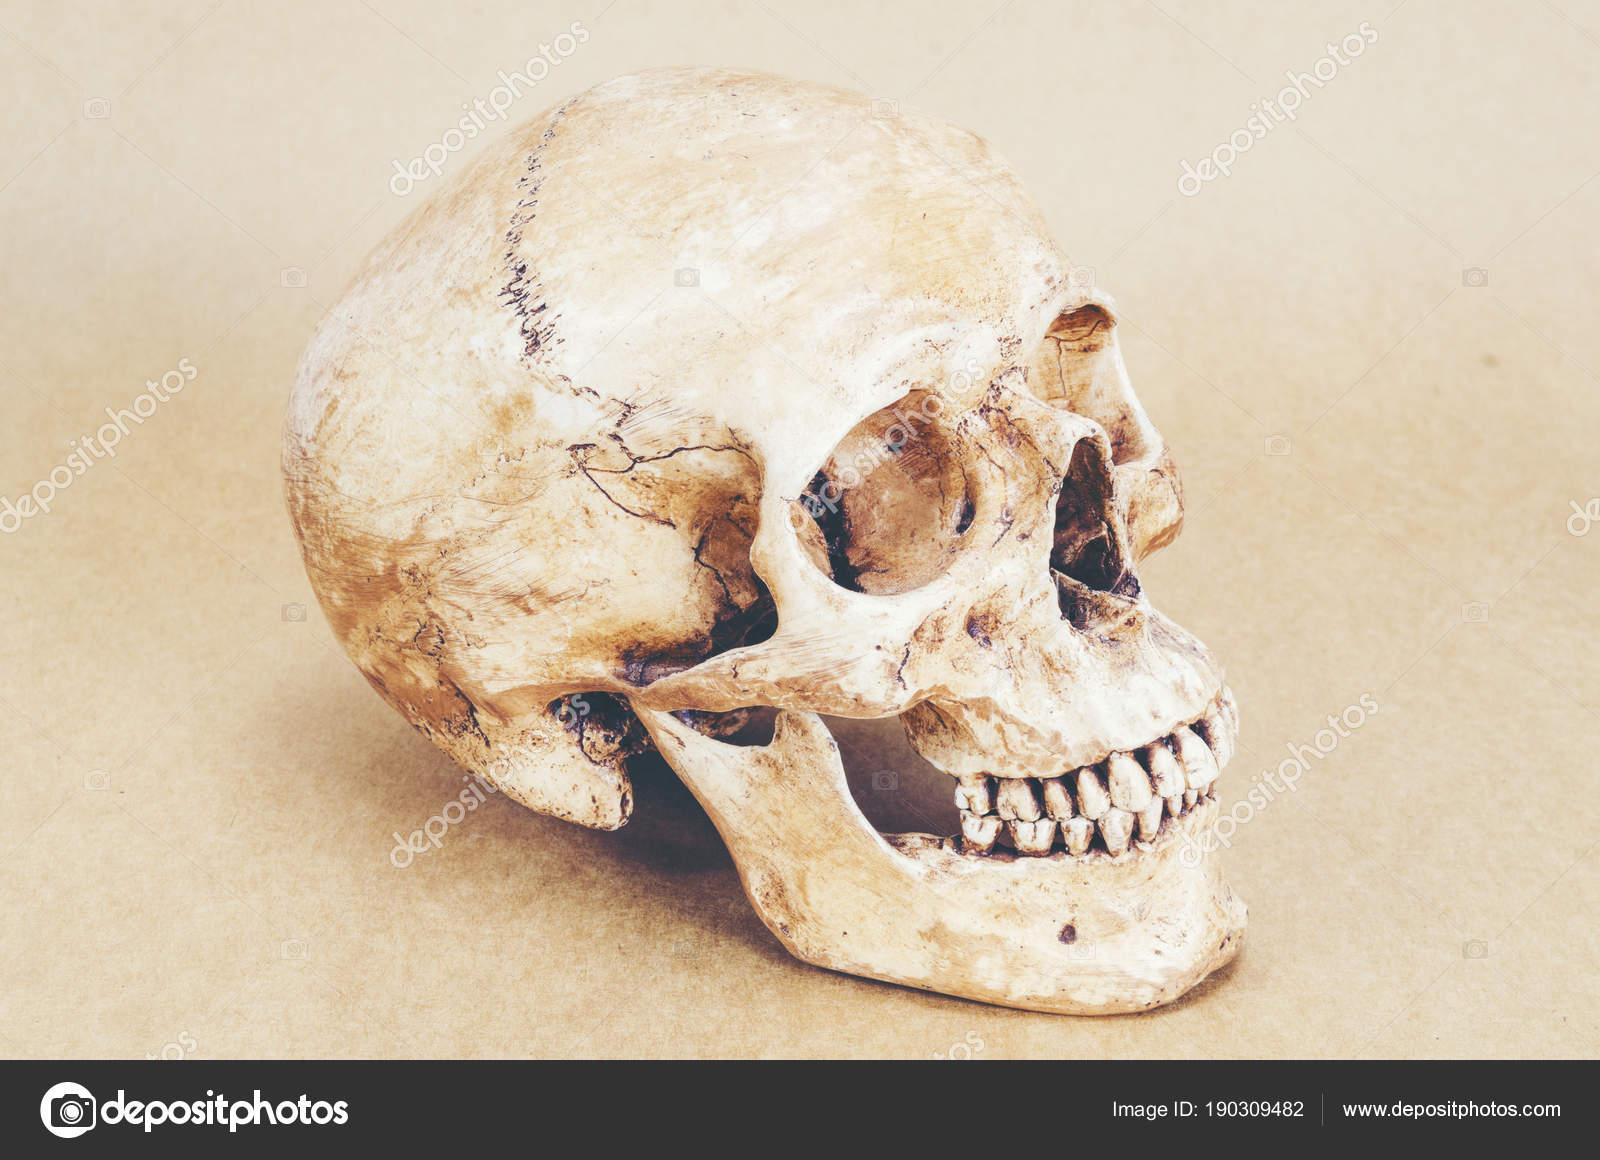 Anatomía Del Cráneo Humano Fondo Imagen Filtro Vintage — Foto de ...